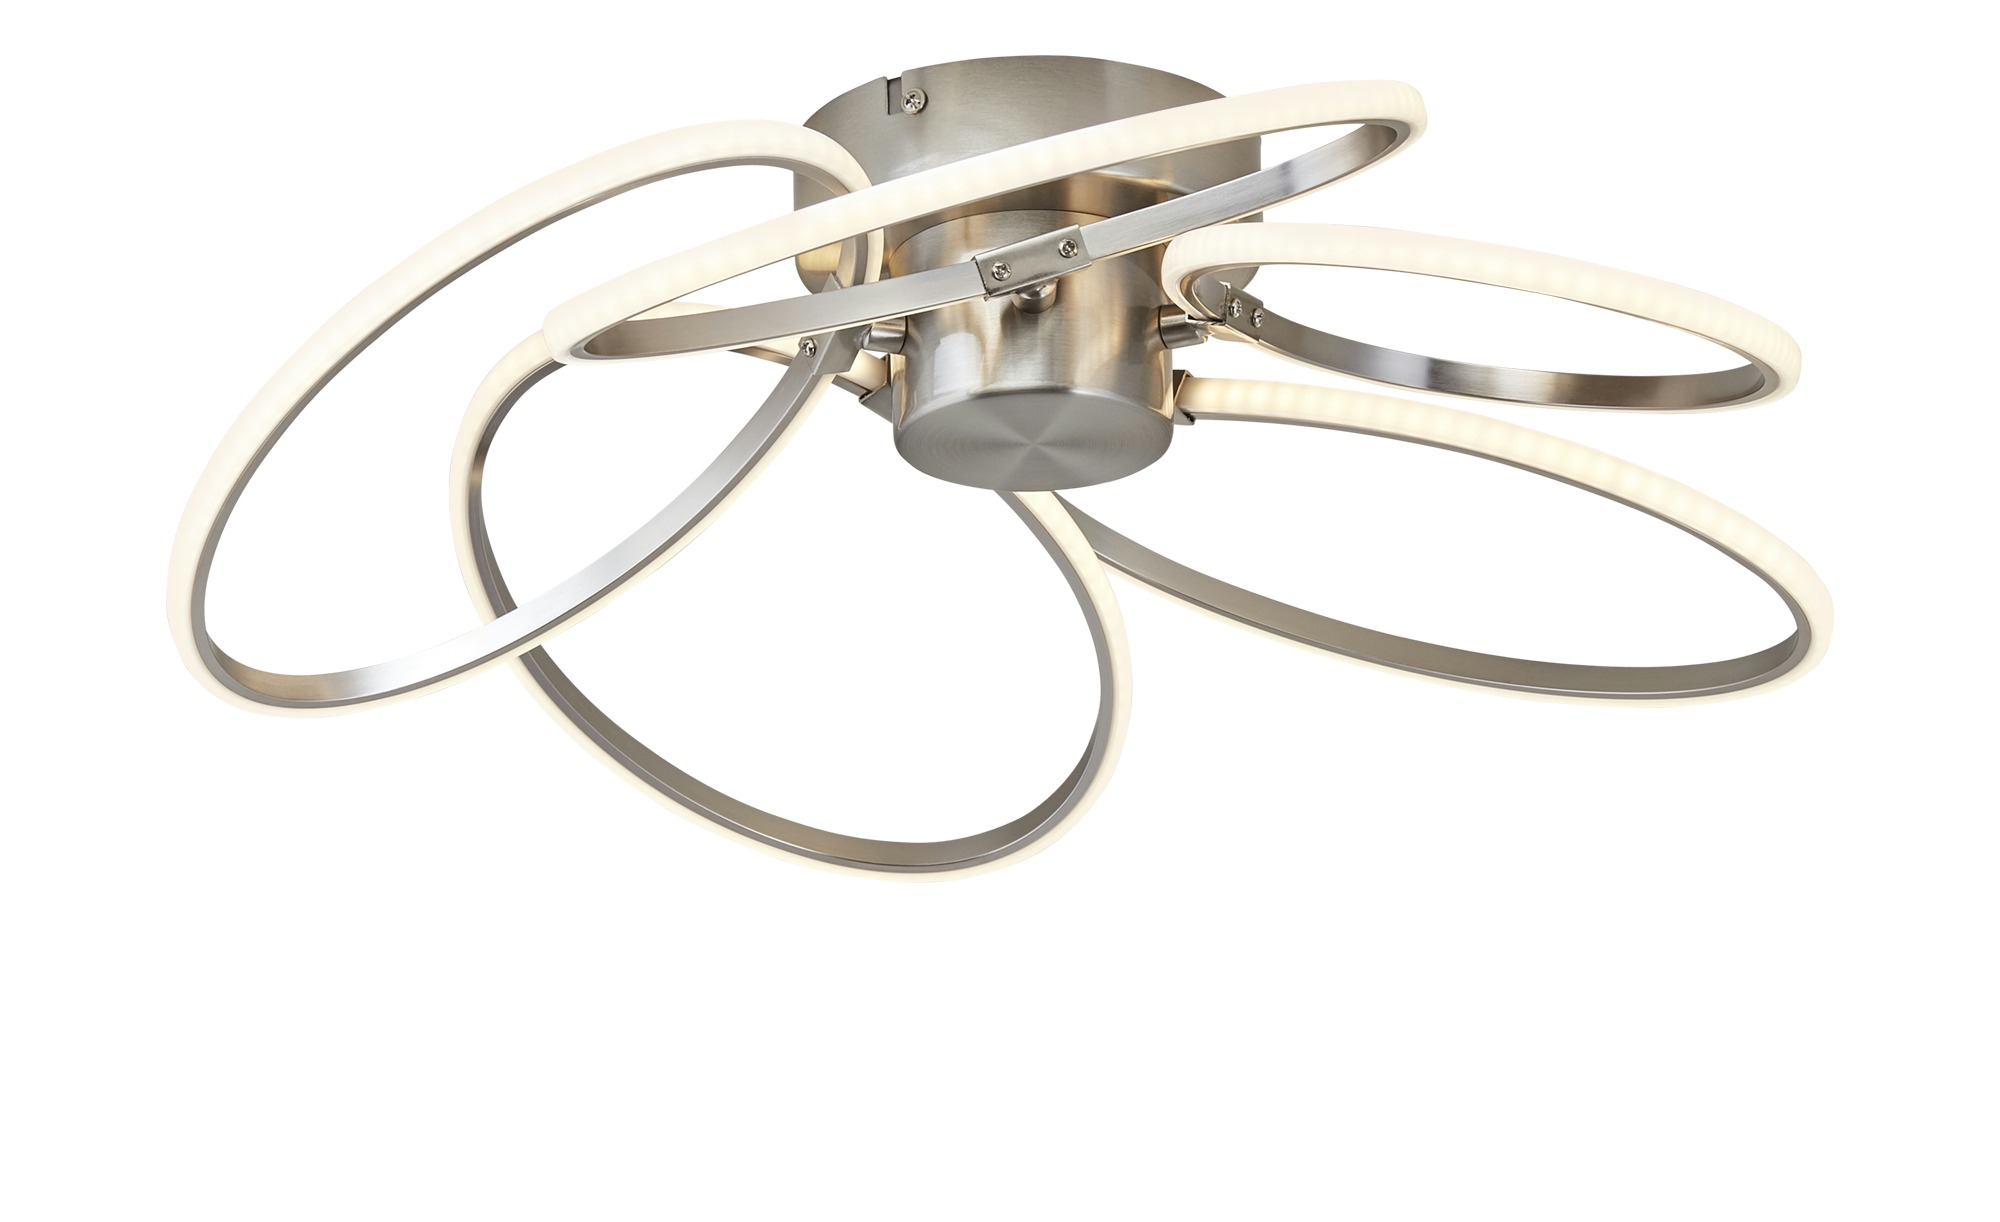 Paul Sommerkamp Leuchten LED-Deckenleuchte, 5-flammig nickel matt ¦ silber ¦ Maße (cm): B: 48 H: 14 Ø: [48.0] Lampen & Leuchten > Innenleuchten > Deckenleuchten - Höffner